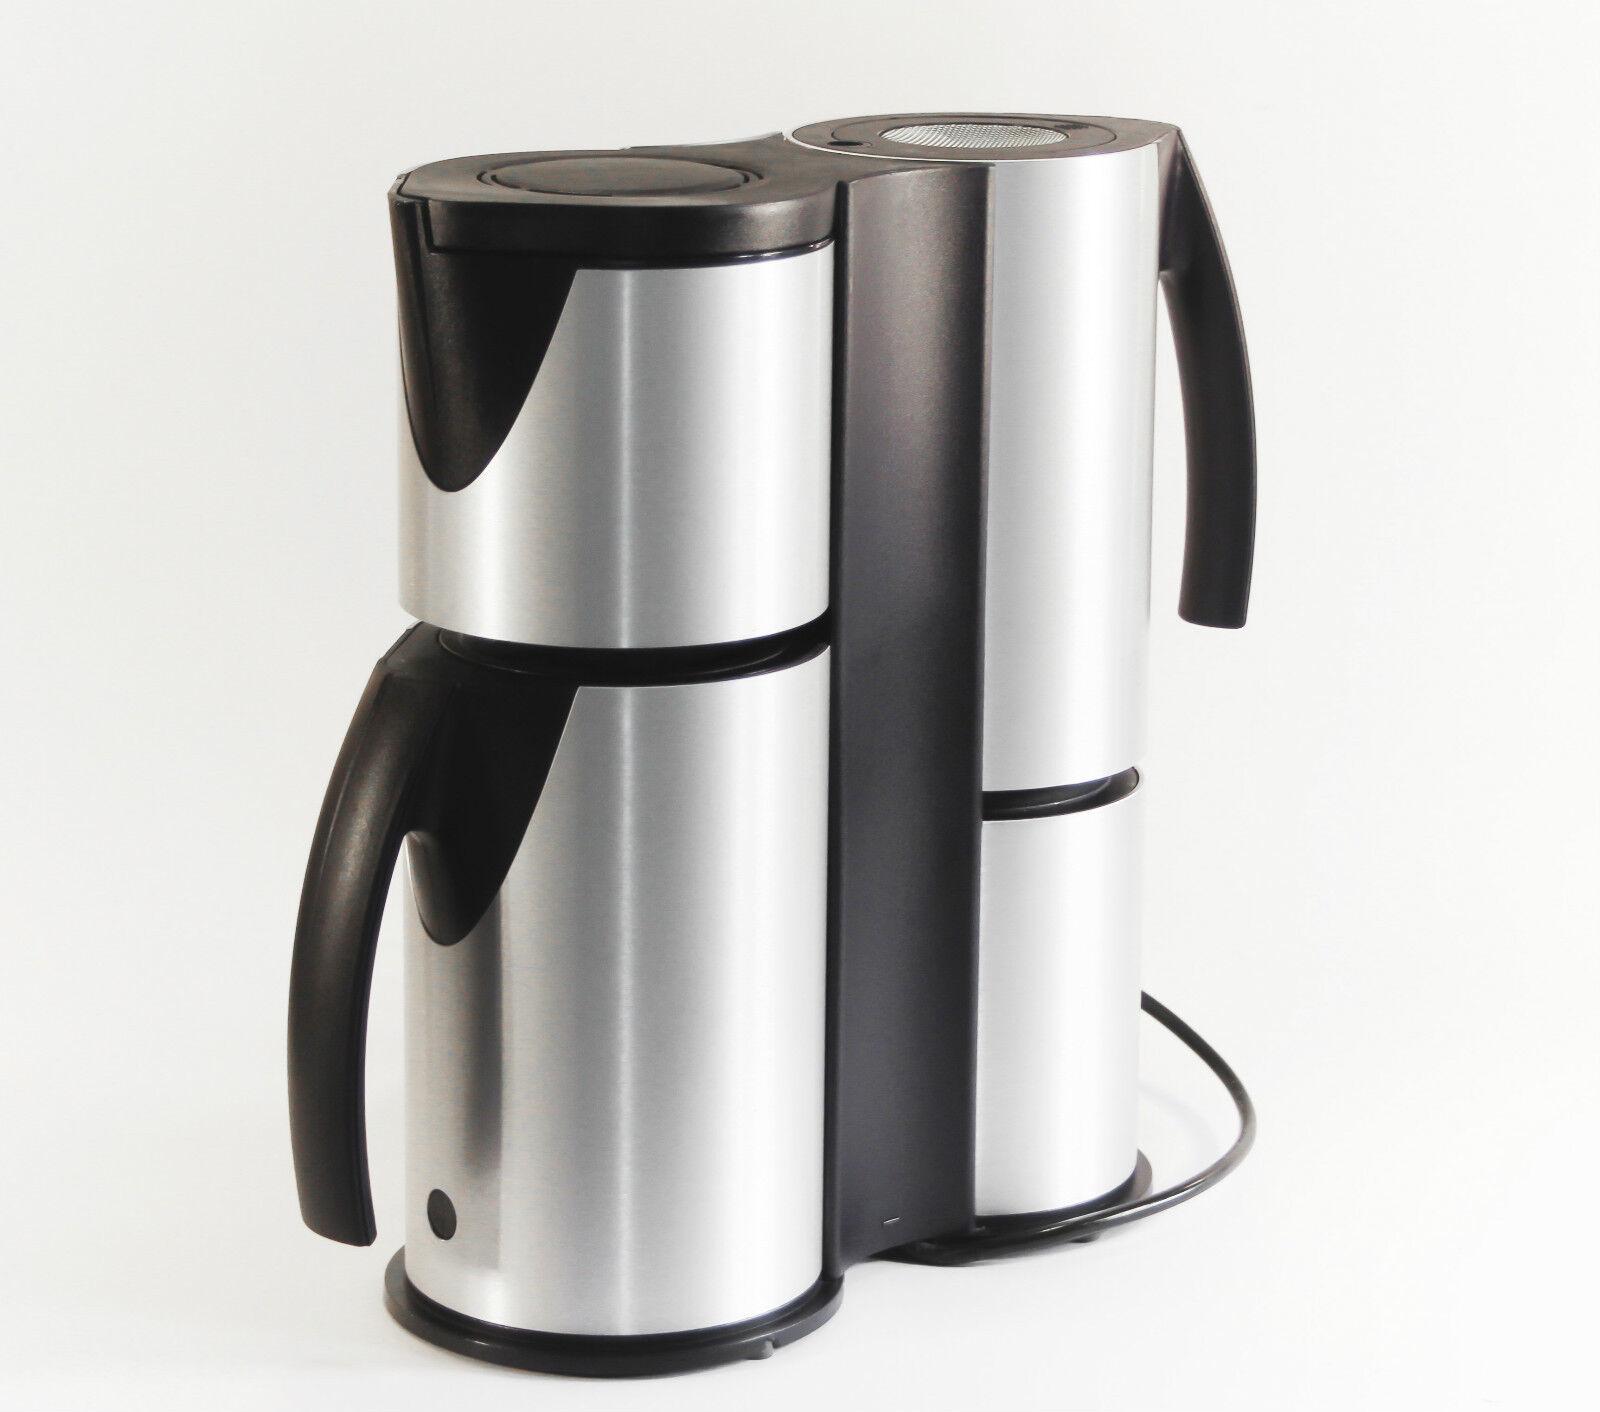 top porsche siemens kaffeemaschine tc91100 1jahr. Black Bedroom Furniture Sets. Home Design Ideas